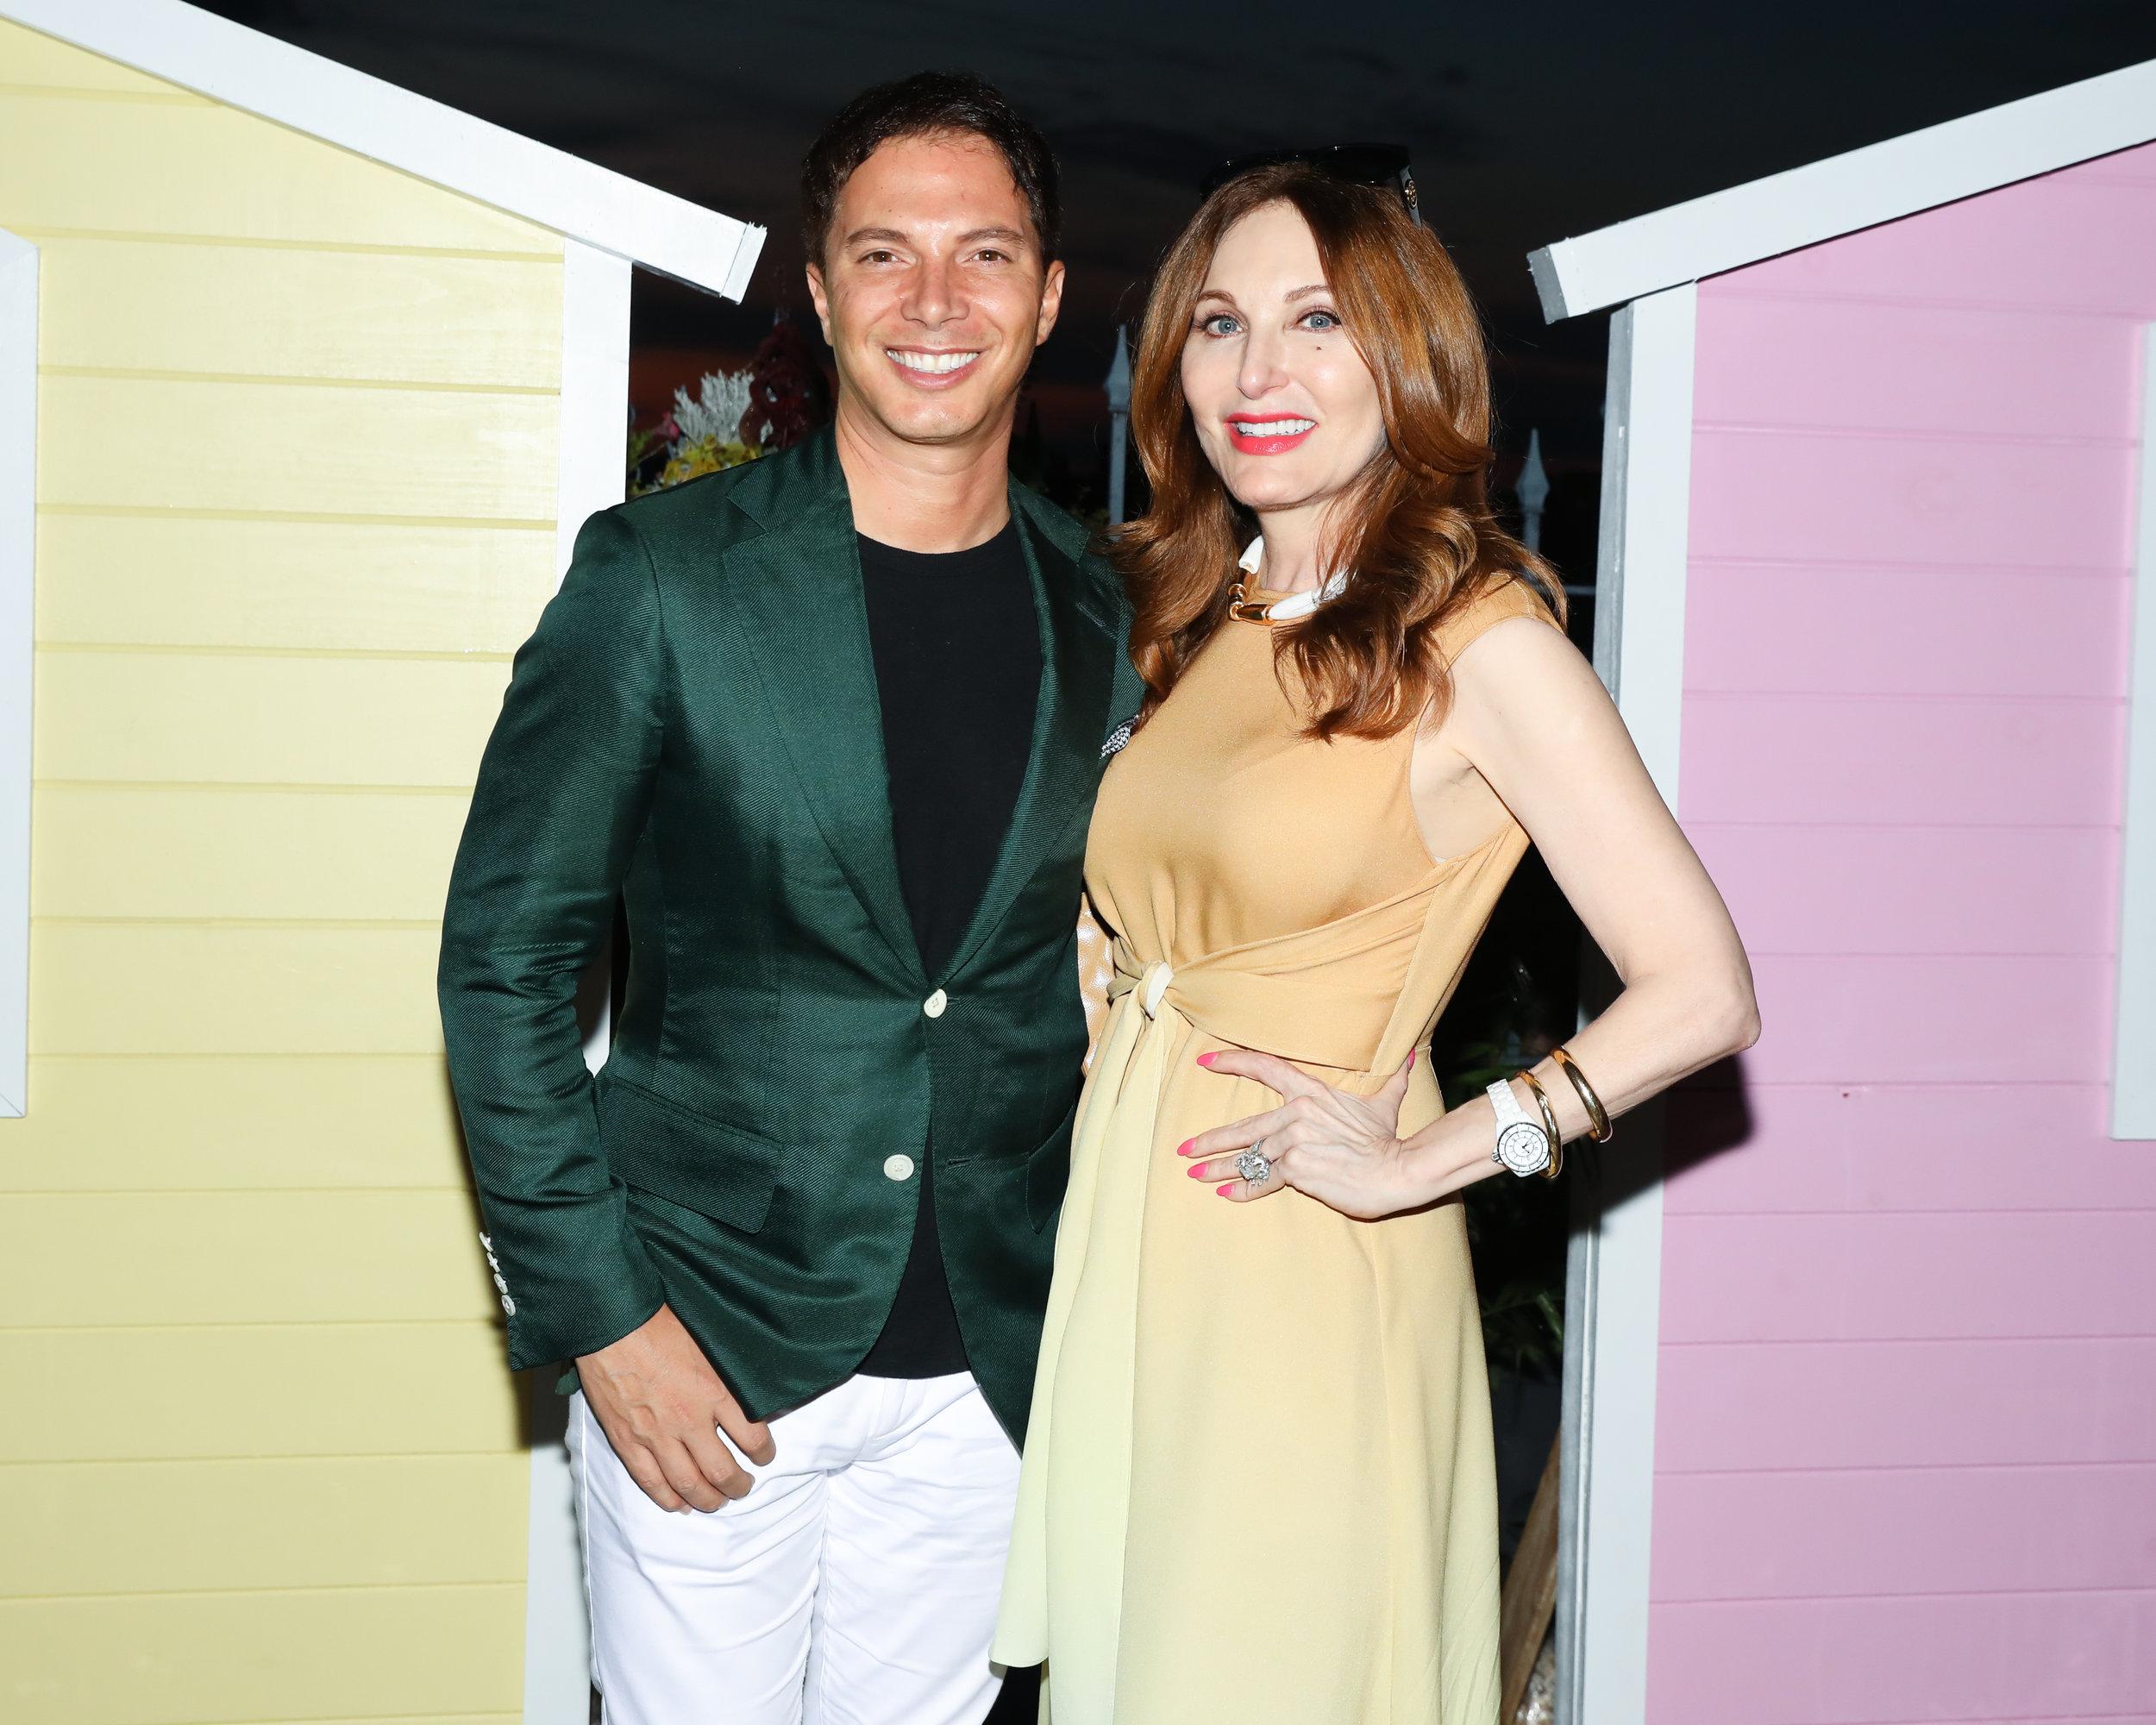 Nick D'Annunzio and Tara Solomon